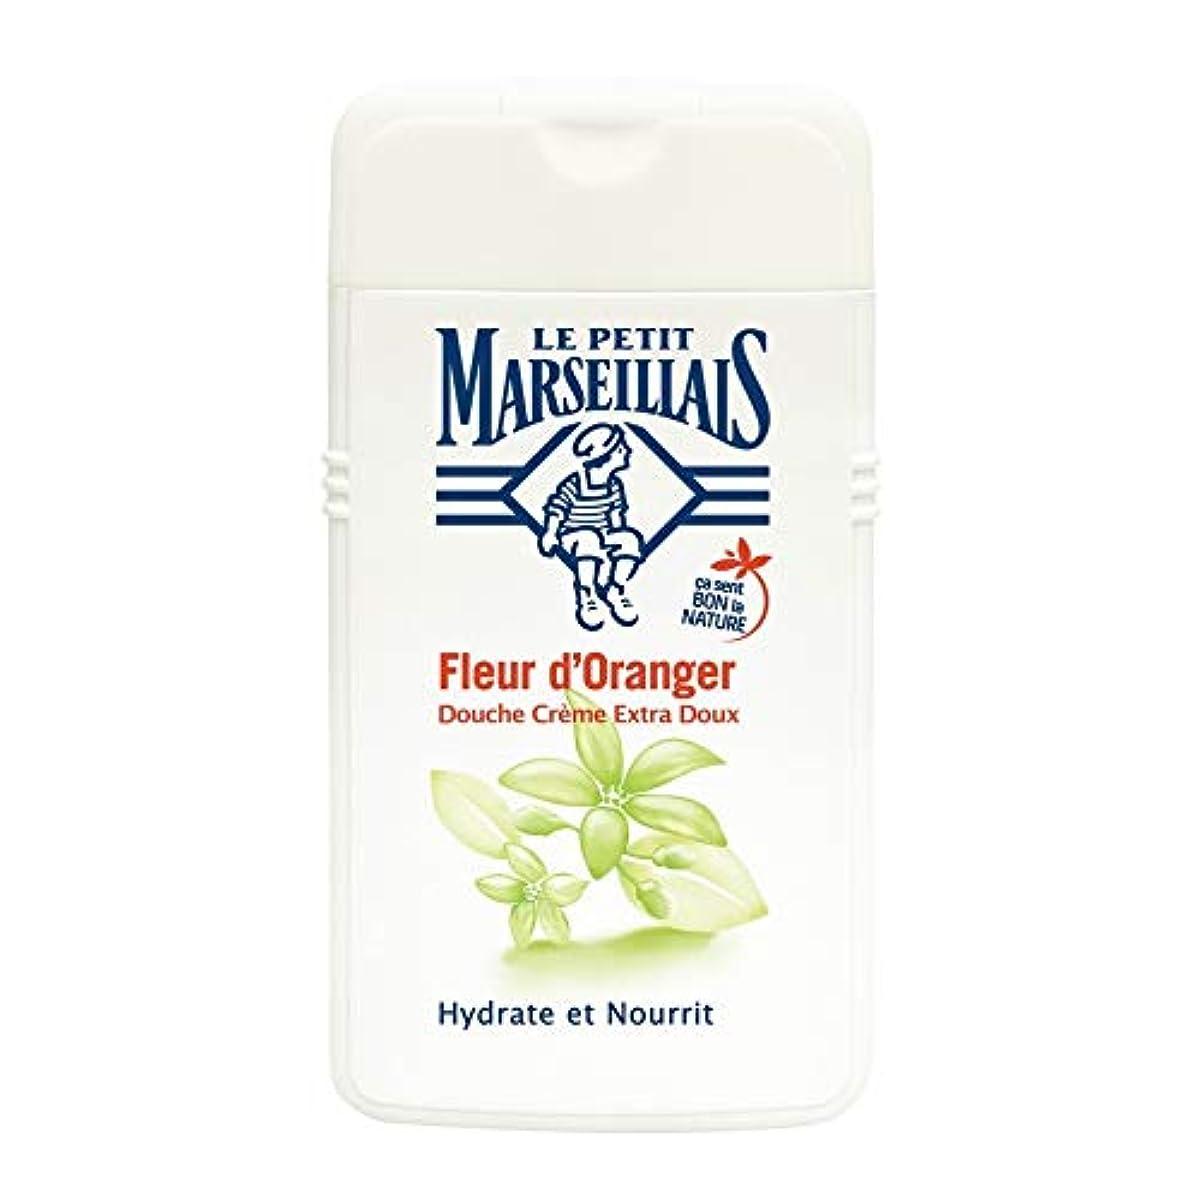 しおれた副好む「オレンジフラワー」 シャワークリーム フランスの「ル?プティ?マルセイユ(Le Petit Marseillais)」 250ml ボディウォッシュ